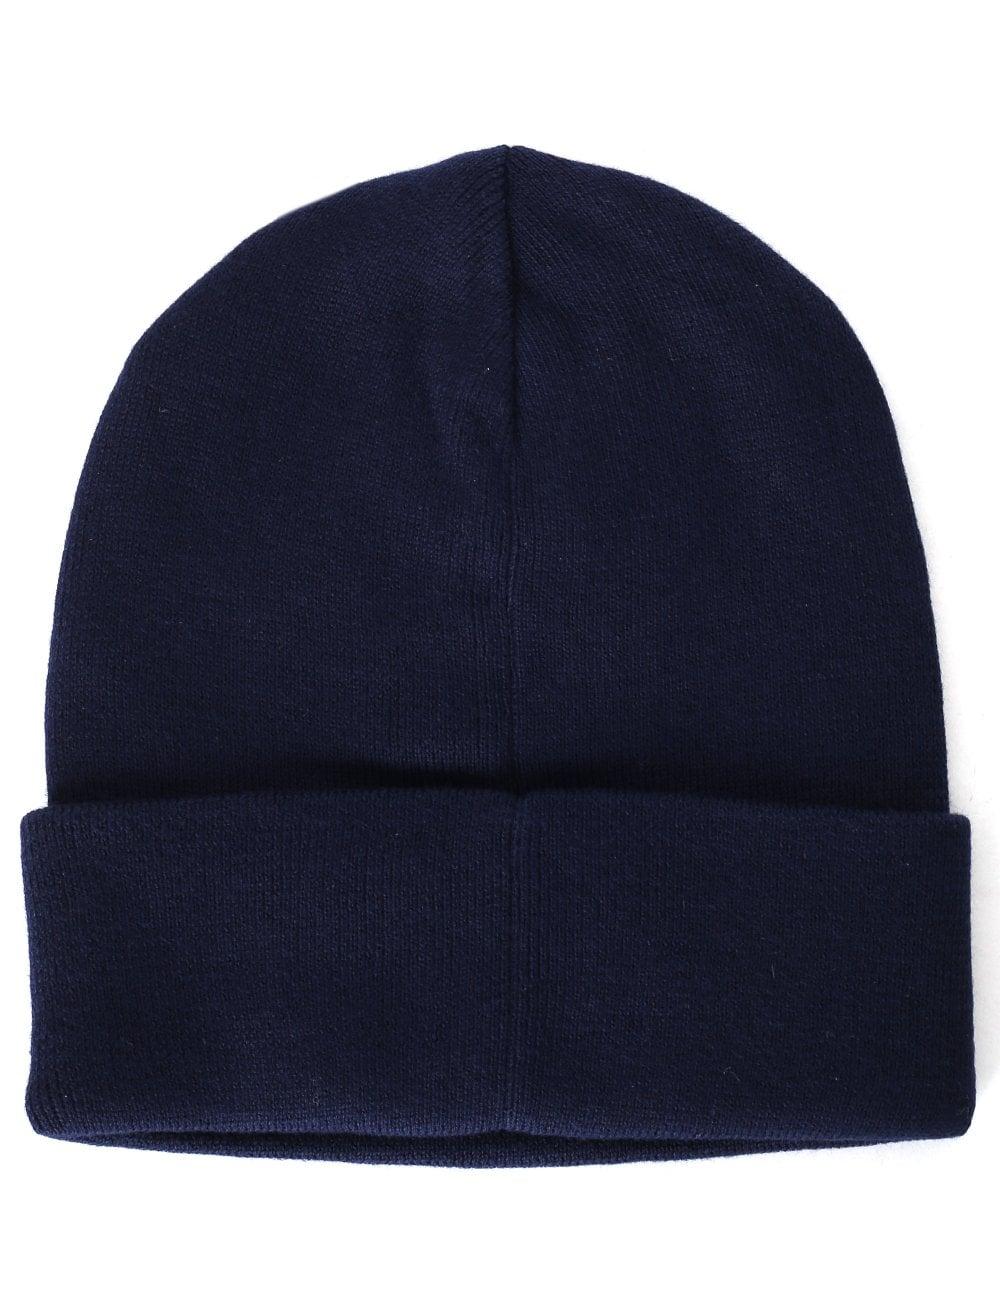 8227663a9a5c Polo Ralph Lauren Men s Fold Over Beanie Hat Blue